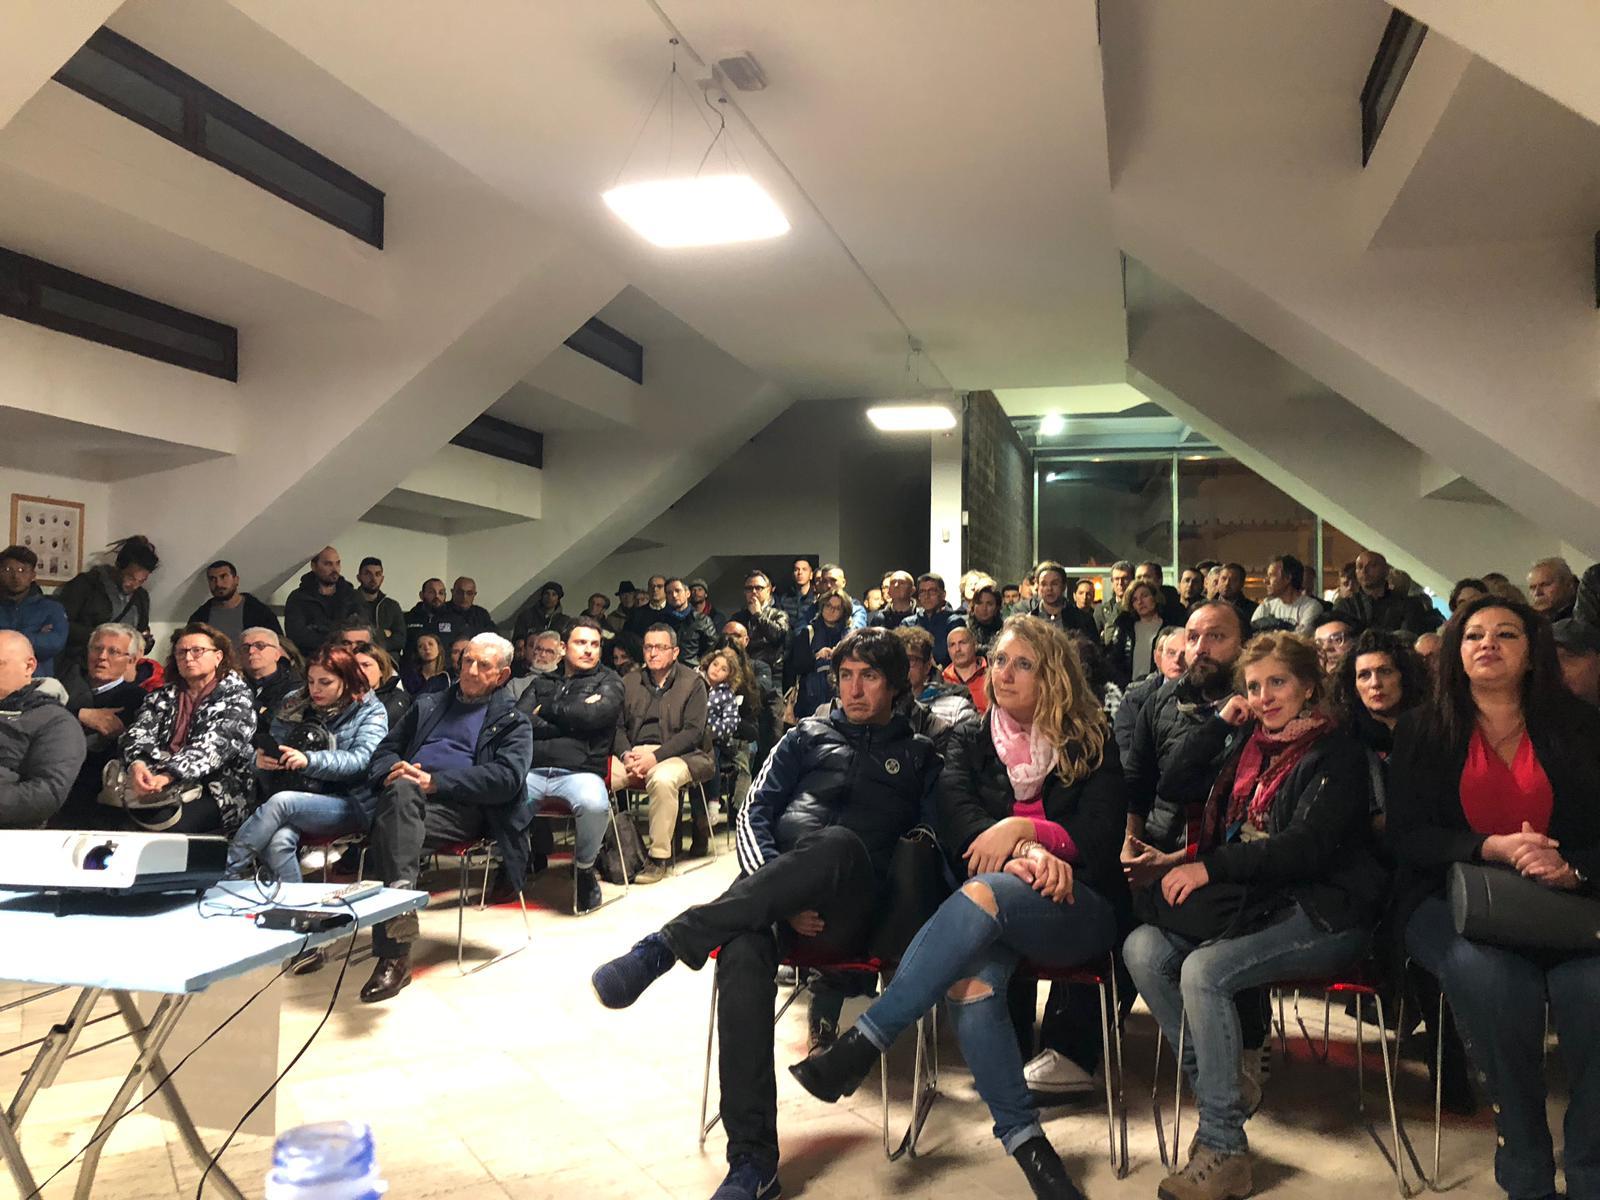 Assemblea pubblica #sevolovoto: è stato di agitazione!